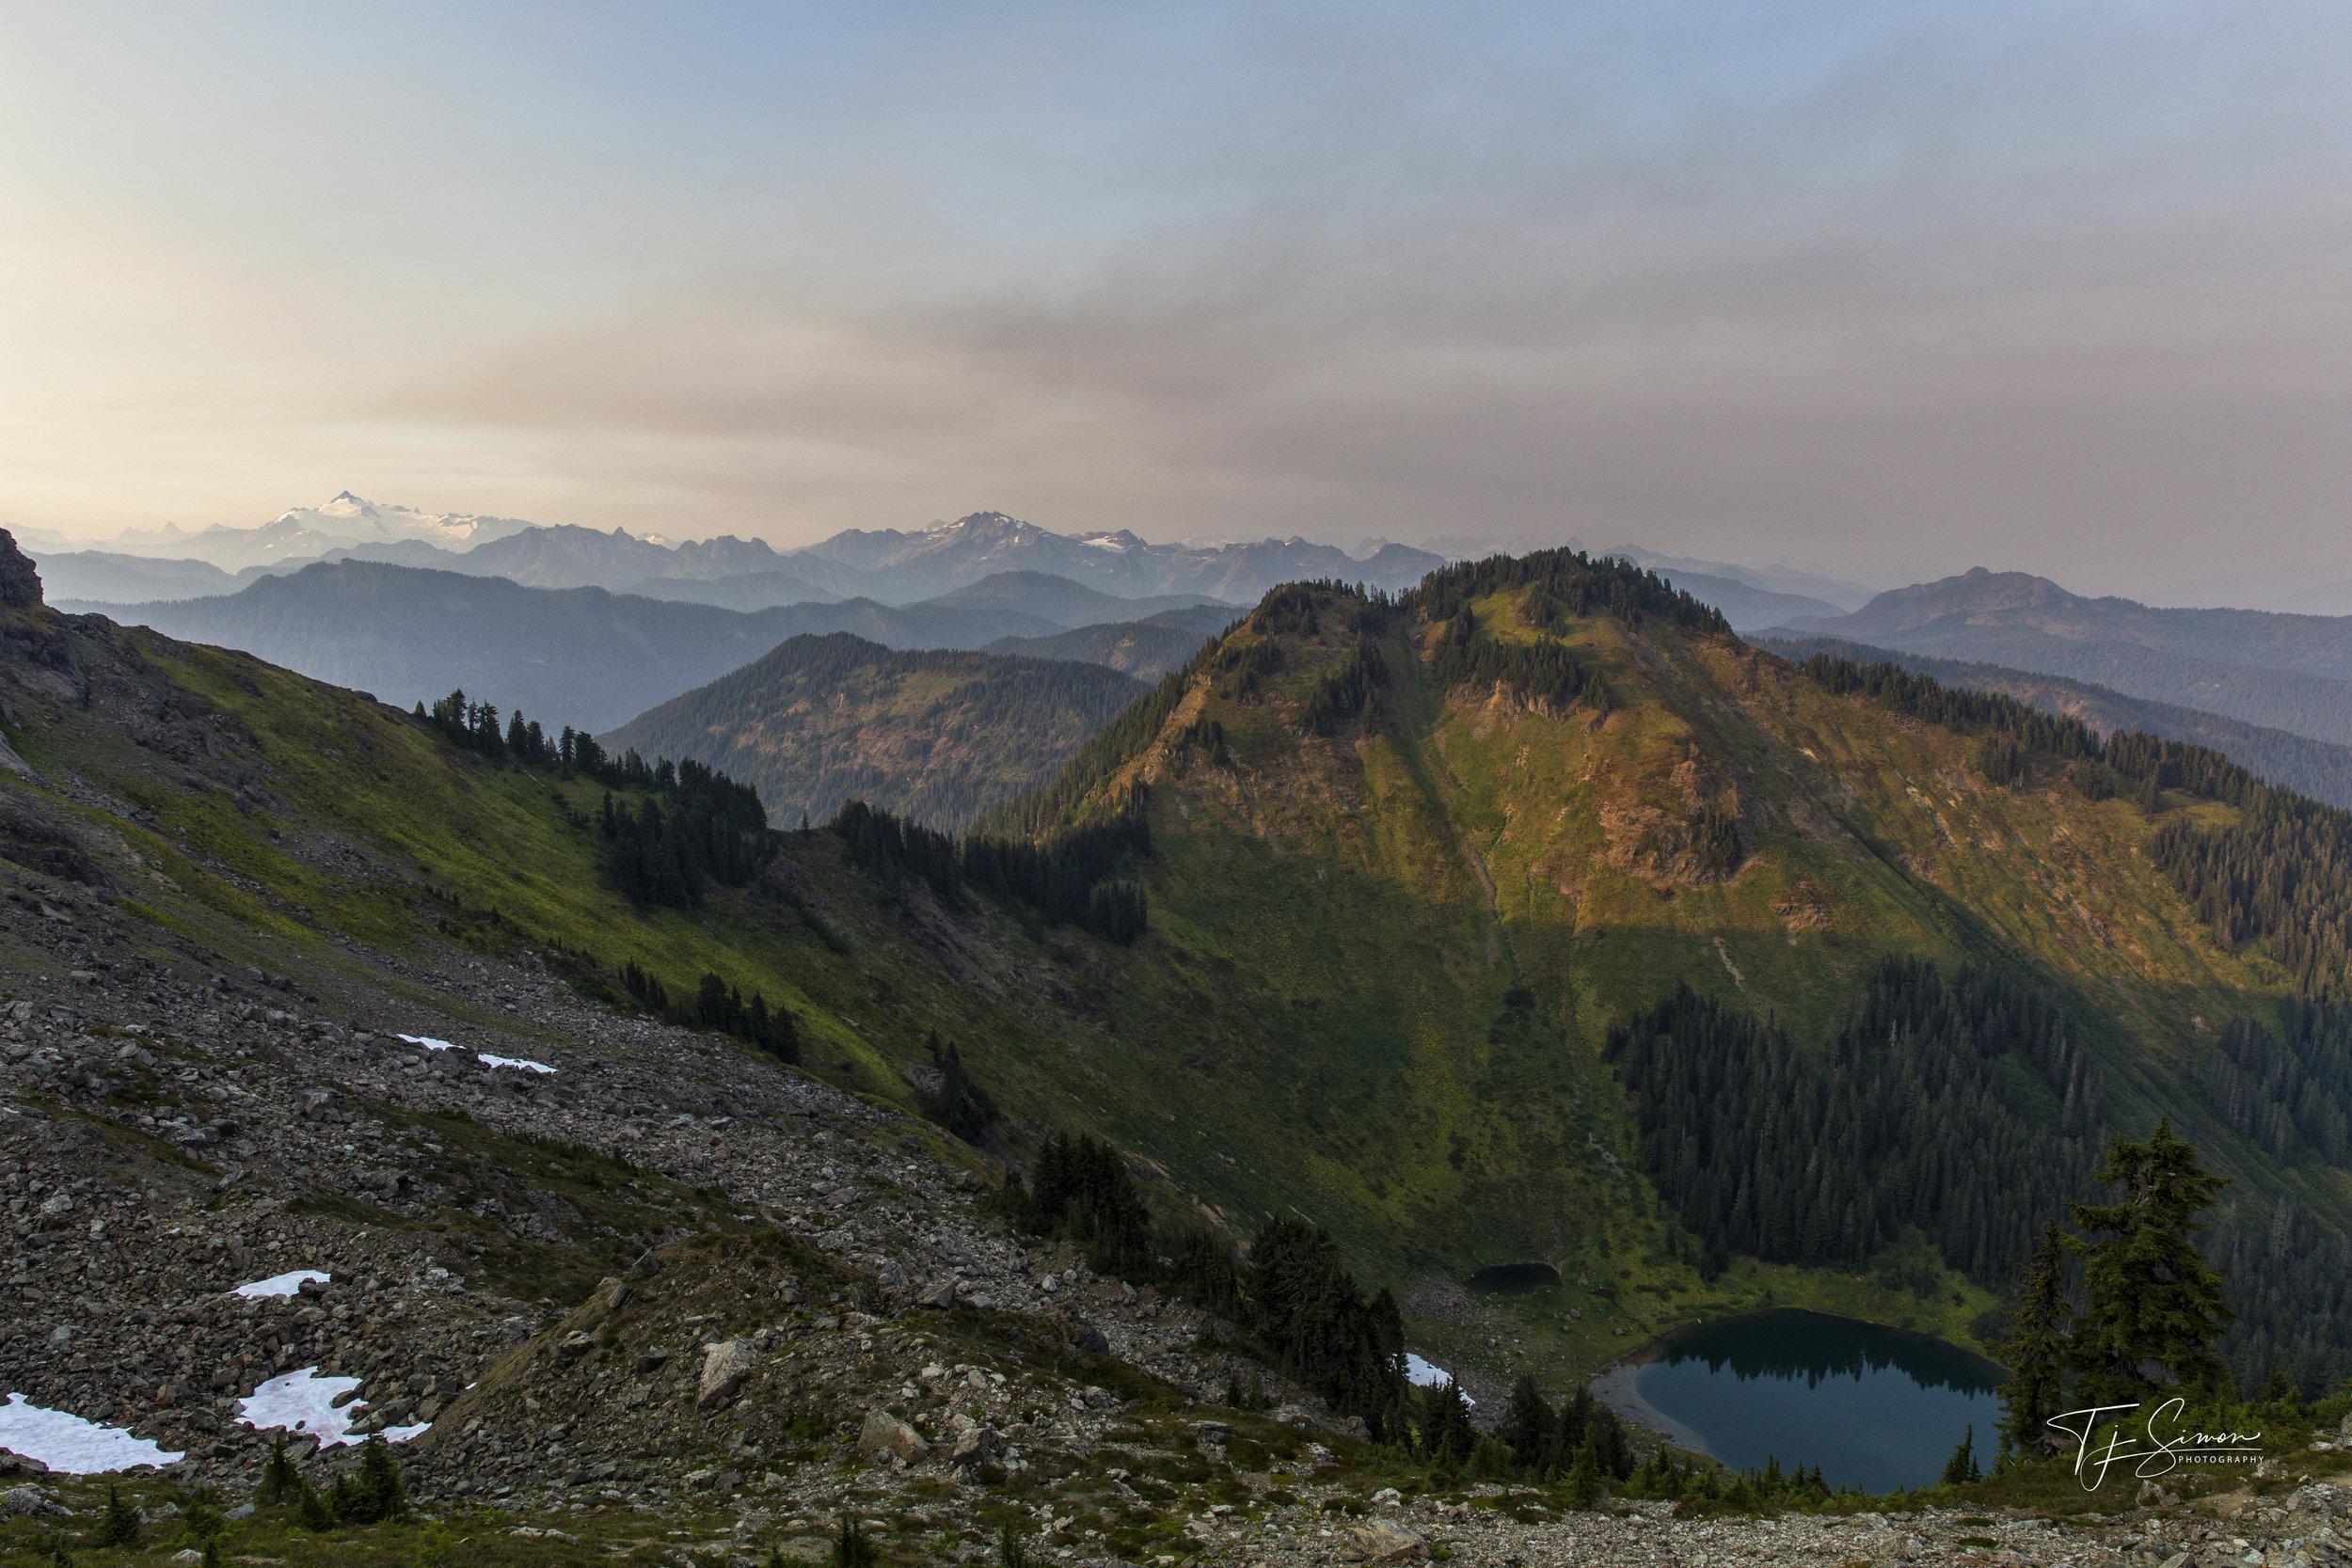 Sauk Lake and the North Cascades